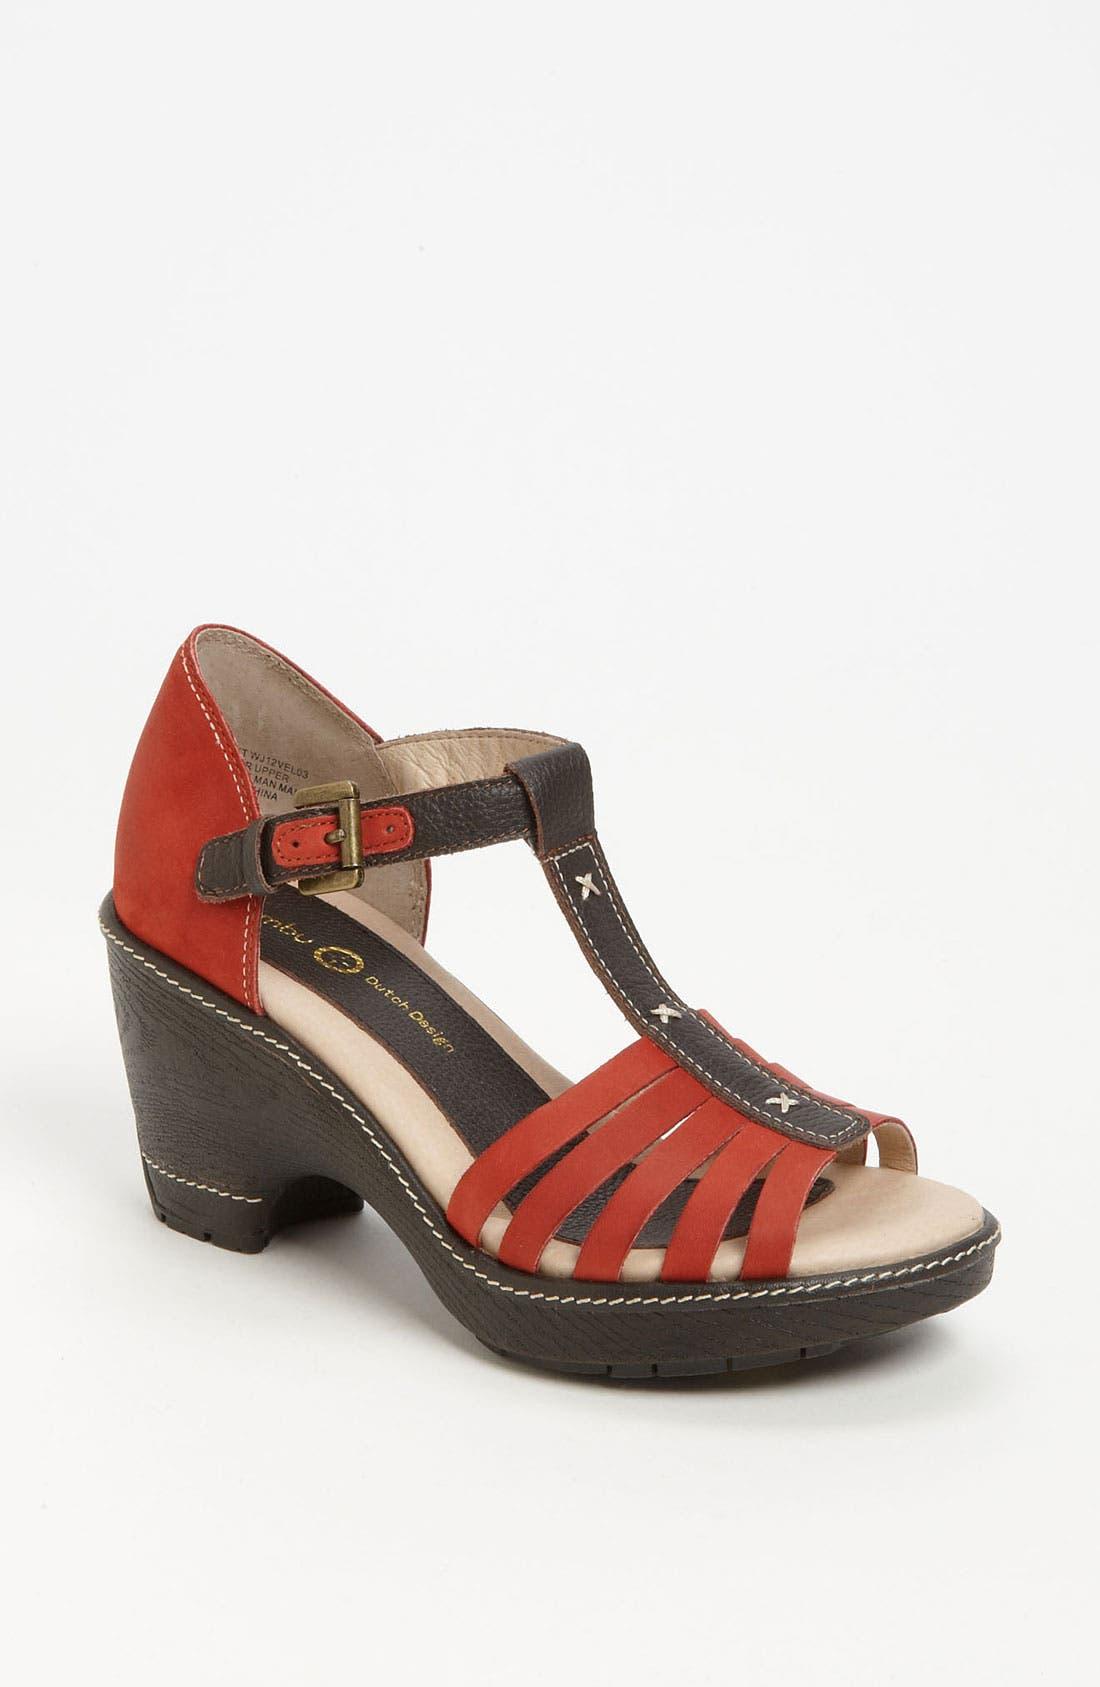 Alternate Image 1 Selected - Jambu 'Velvet' Sandal